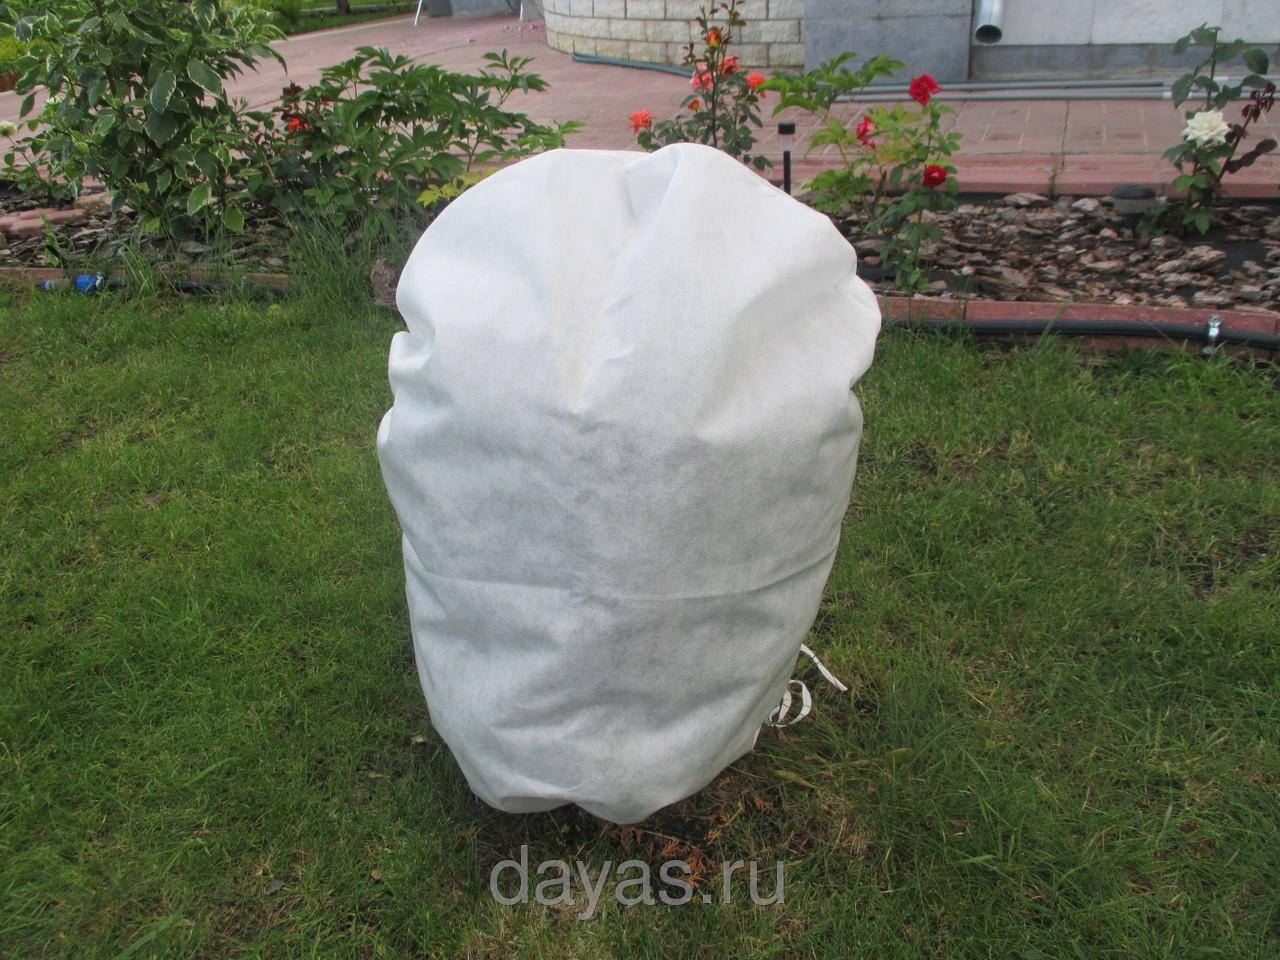 Сбор заказов. Будем готовы к холодам. Чехлы Даяс для укрытия растений! Садовое ограждение, парники, шланги и прочее